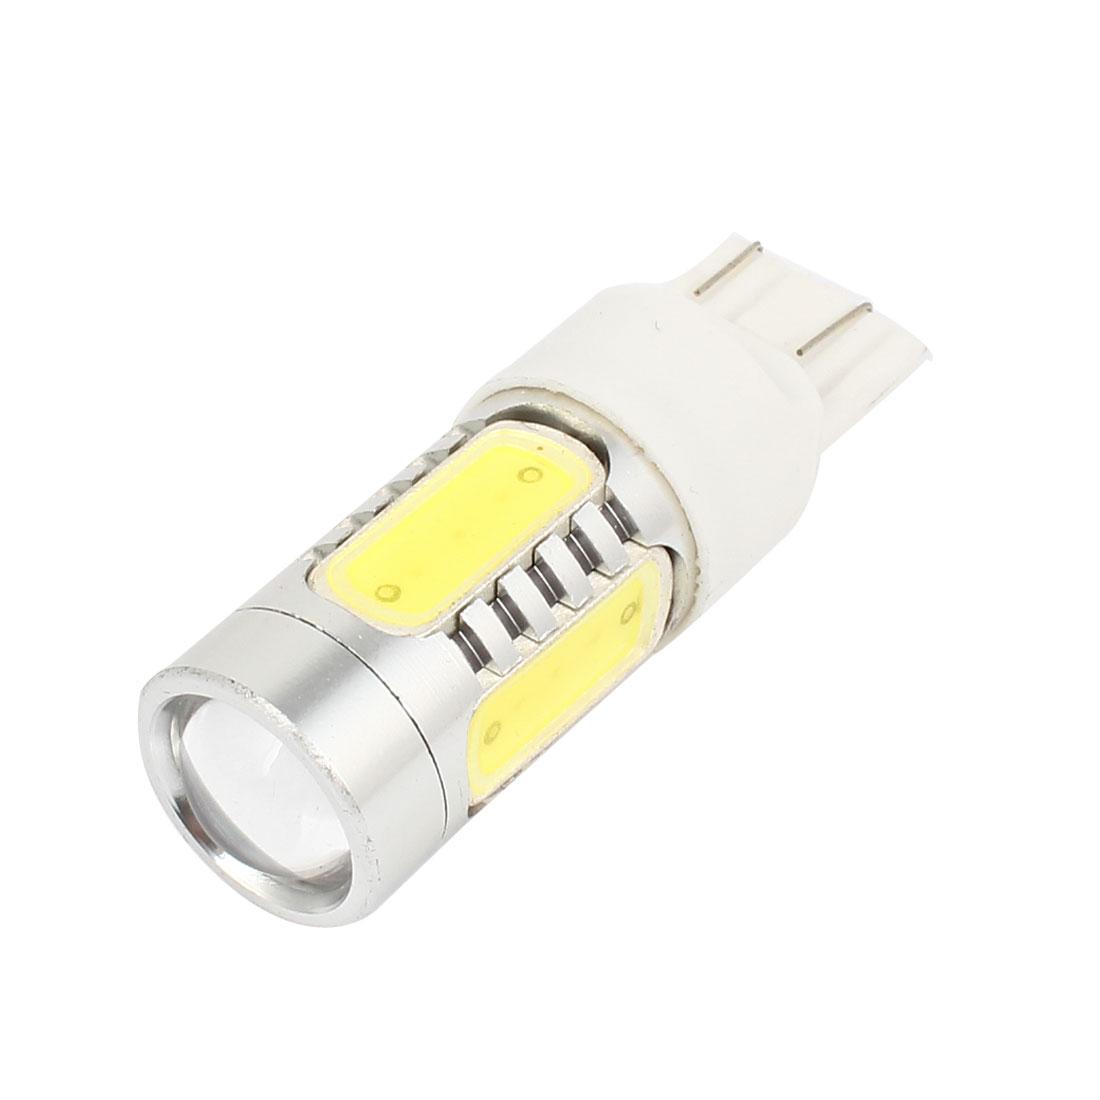 7443 White 5 LED Backup Light Brake Lamp Bulb 11W DC 10-24V